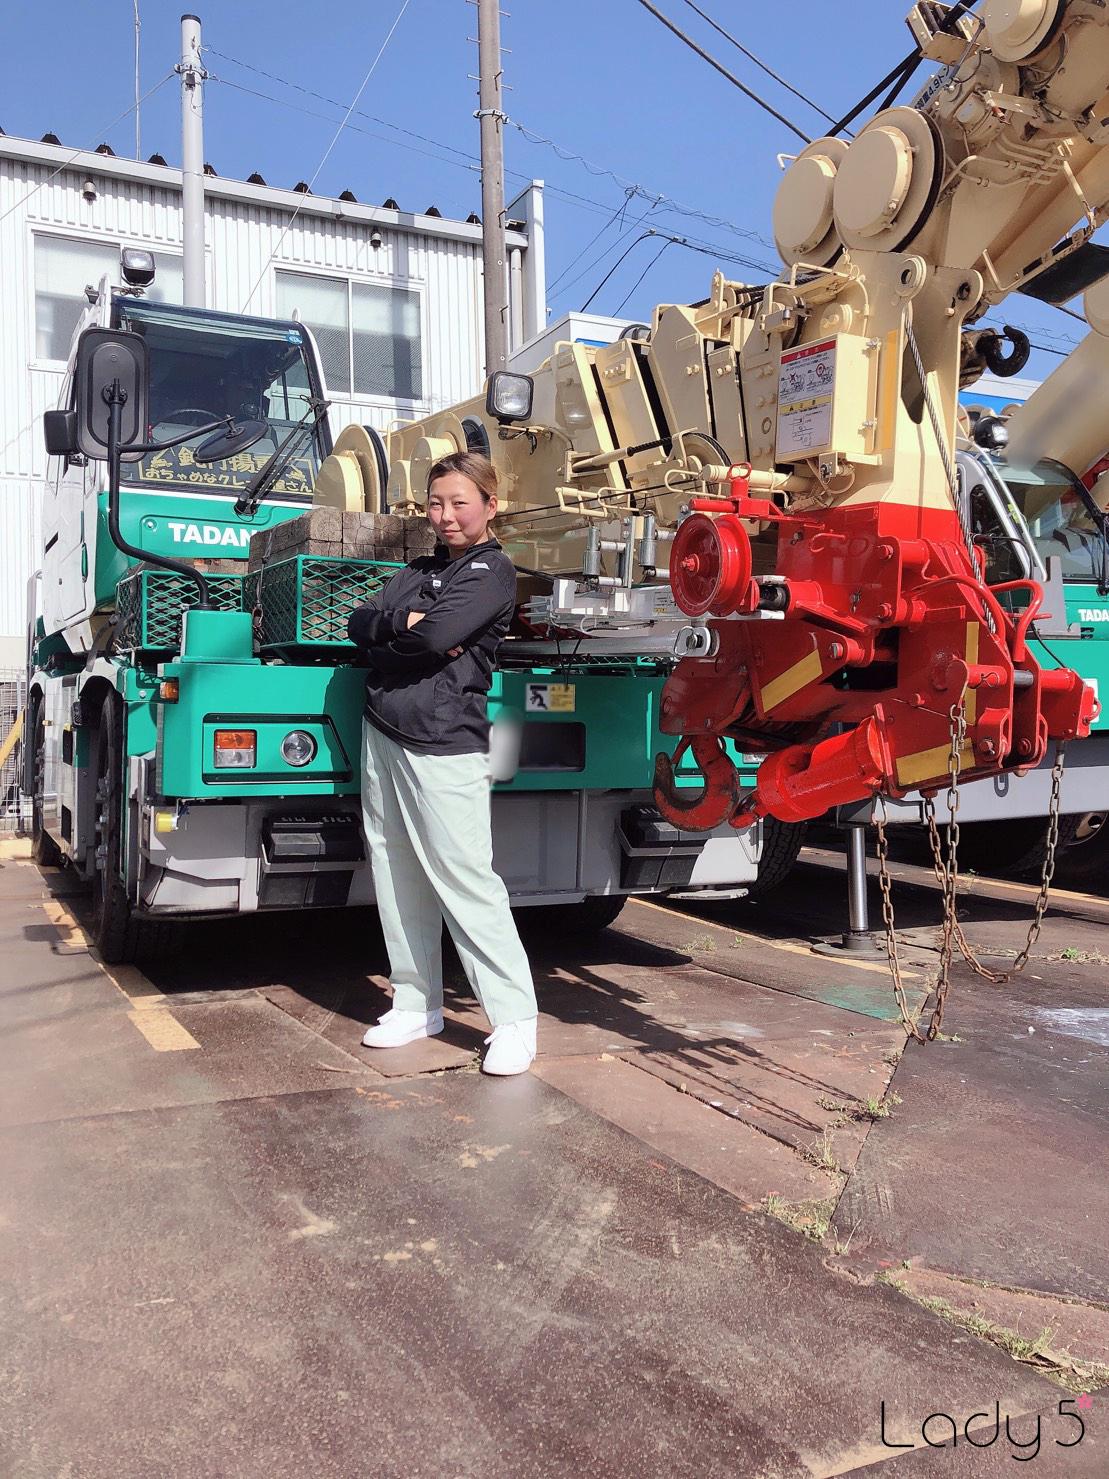 trucklady5_yuchameru1bb